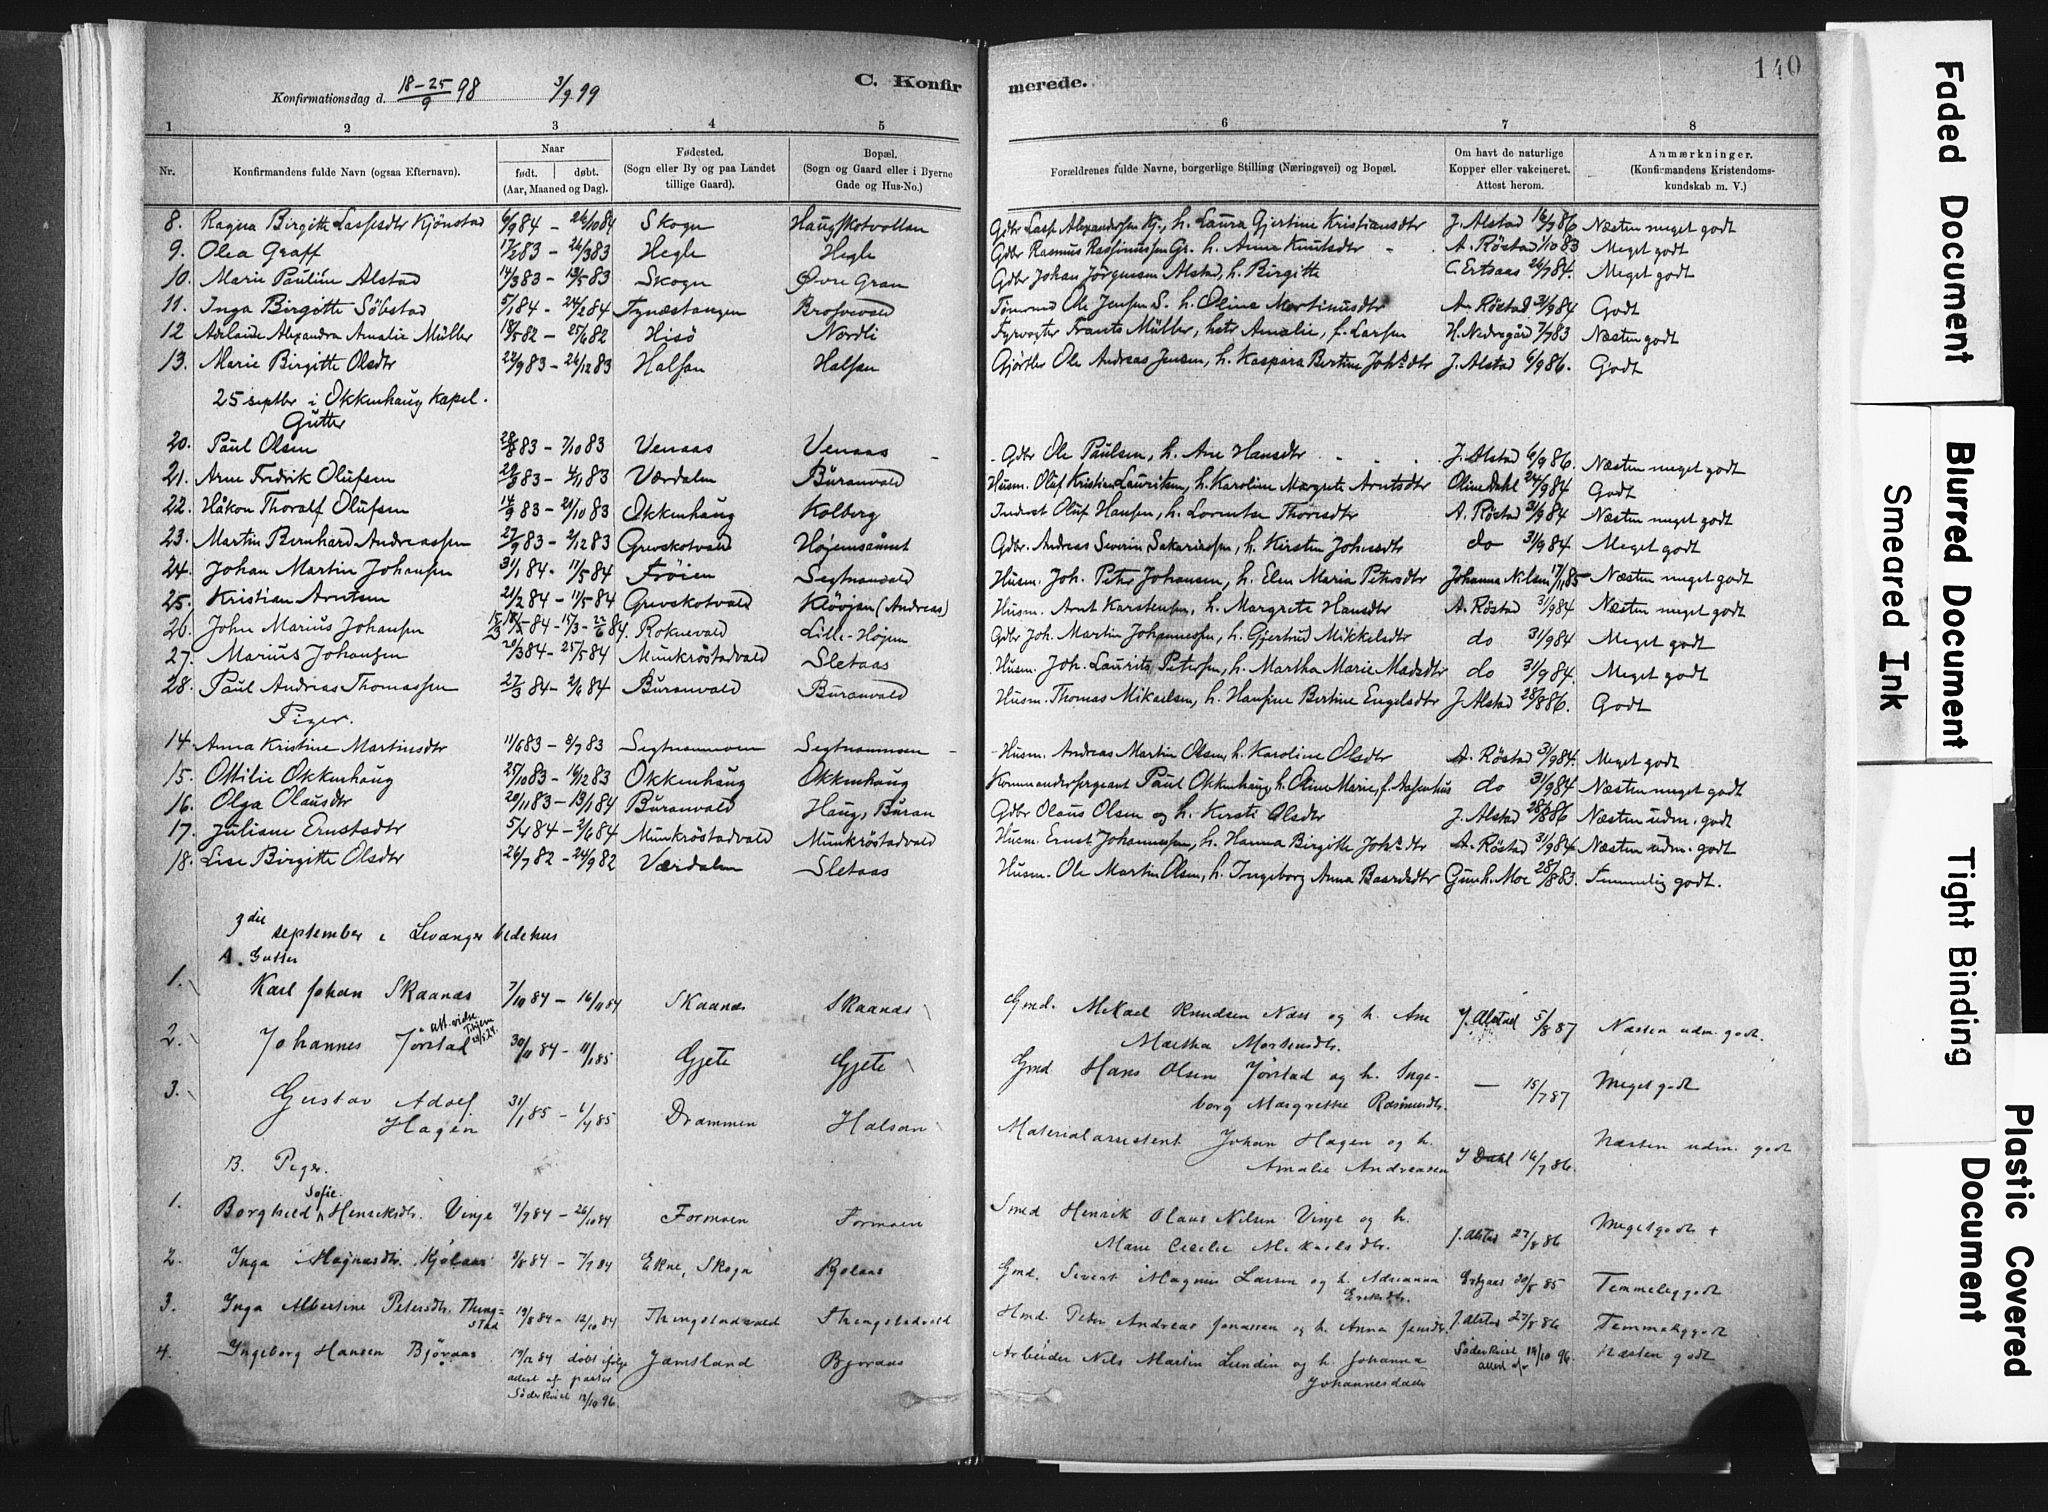 SAT, Ministerialprotokoller, klokkerbøker og fødselsregistre - Nord-Trøndelag, 721/L0207: Ministerialbok nr. 721A02, 1880-1911, s. 140